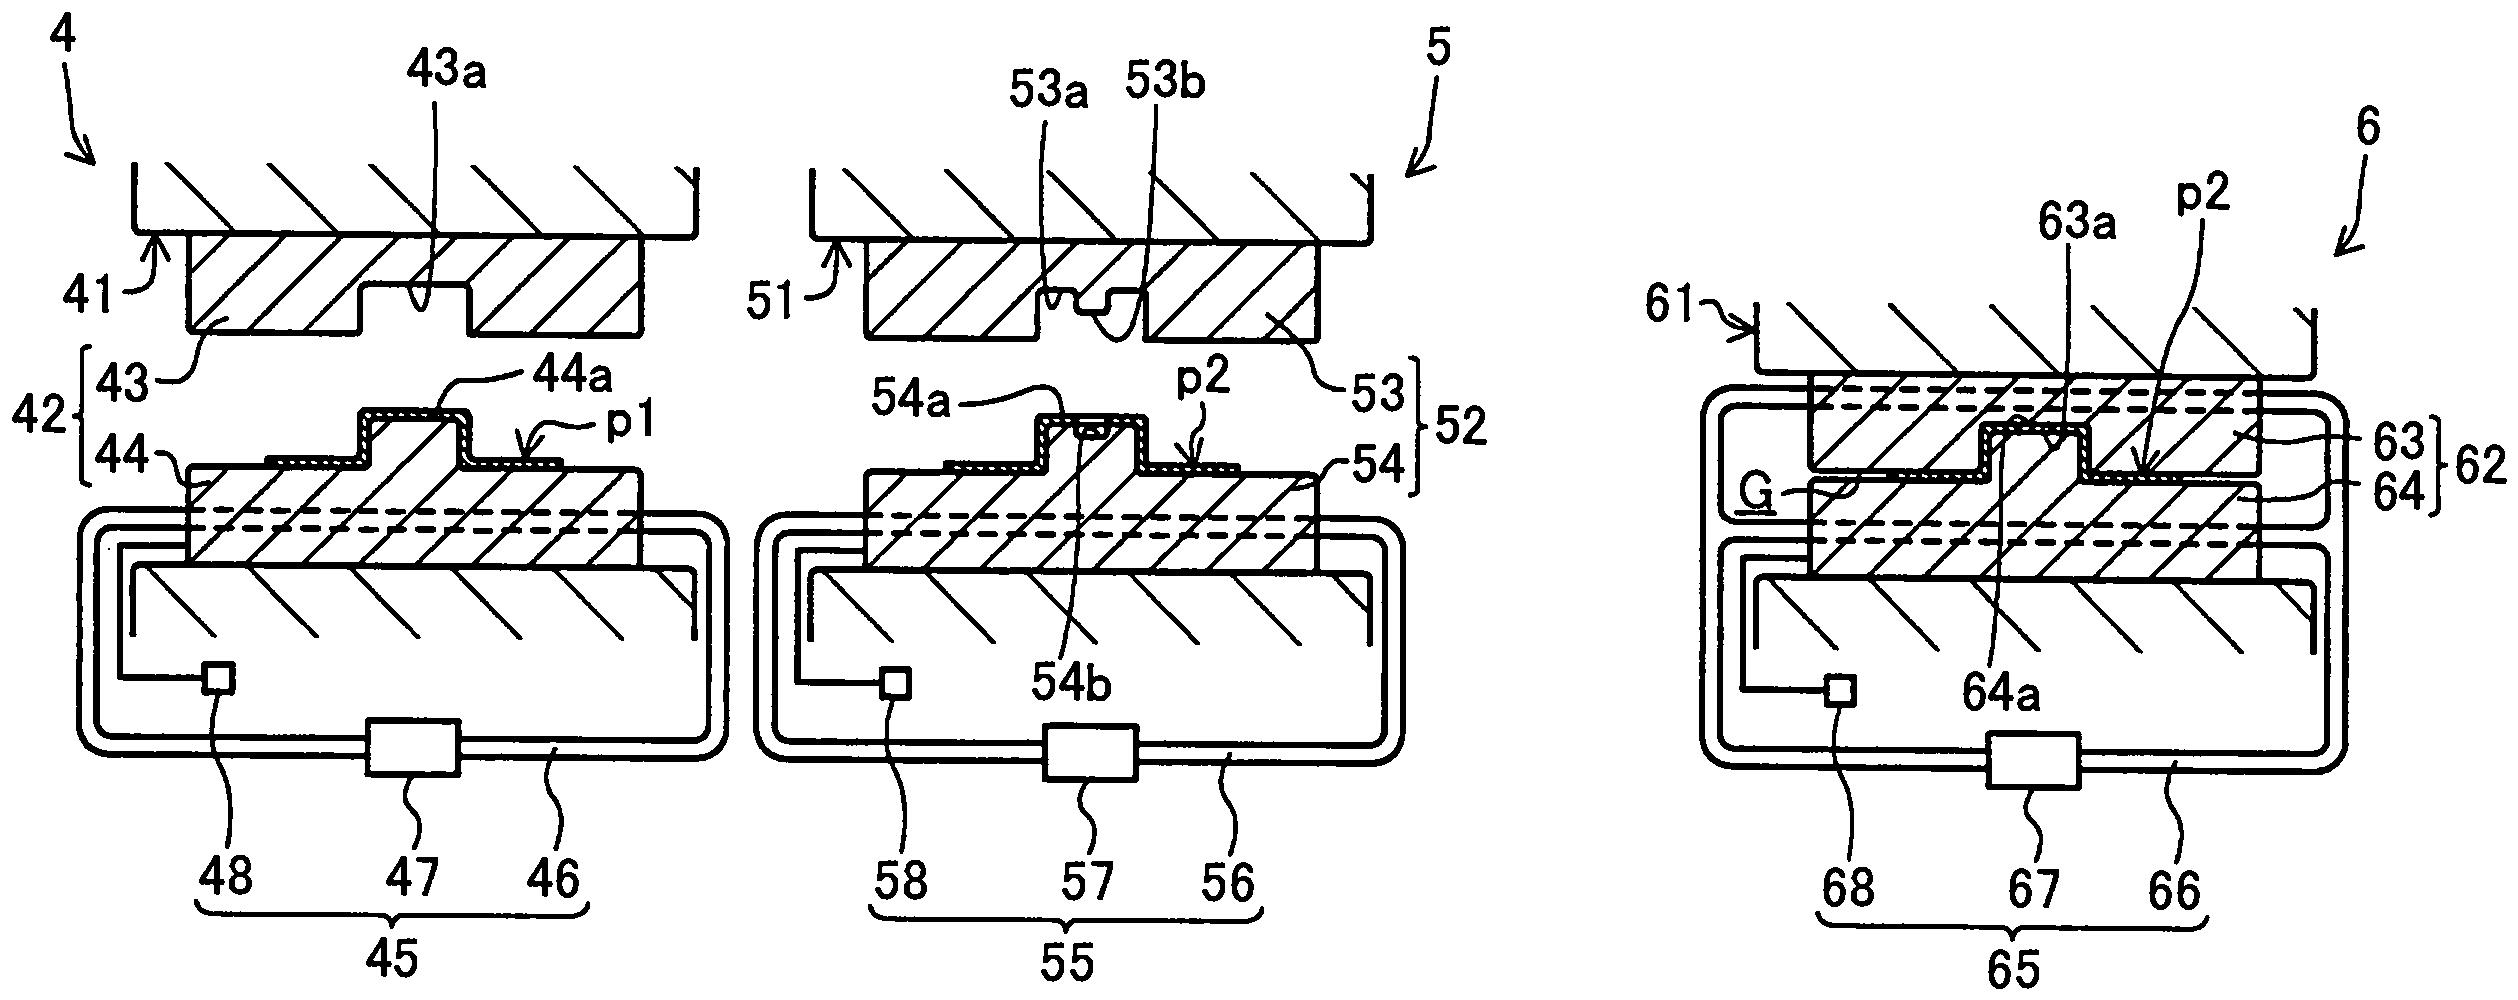 Figure DE112011102398B4_0000